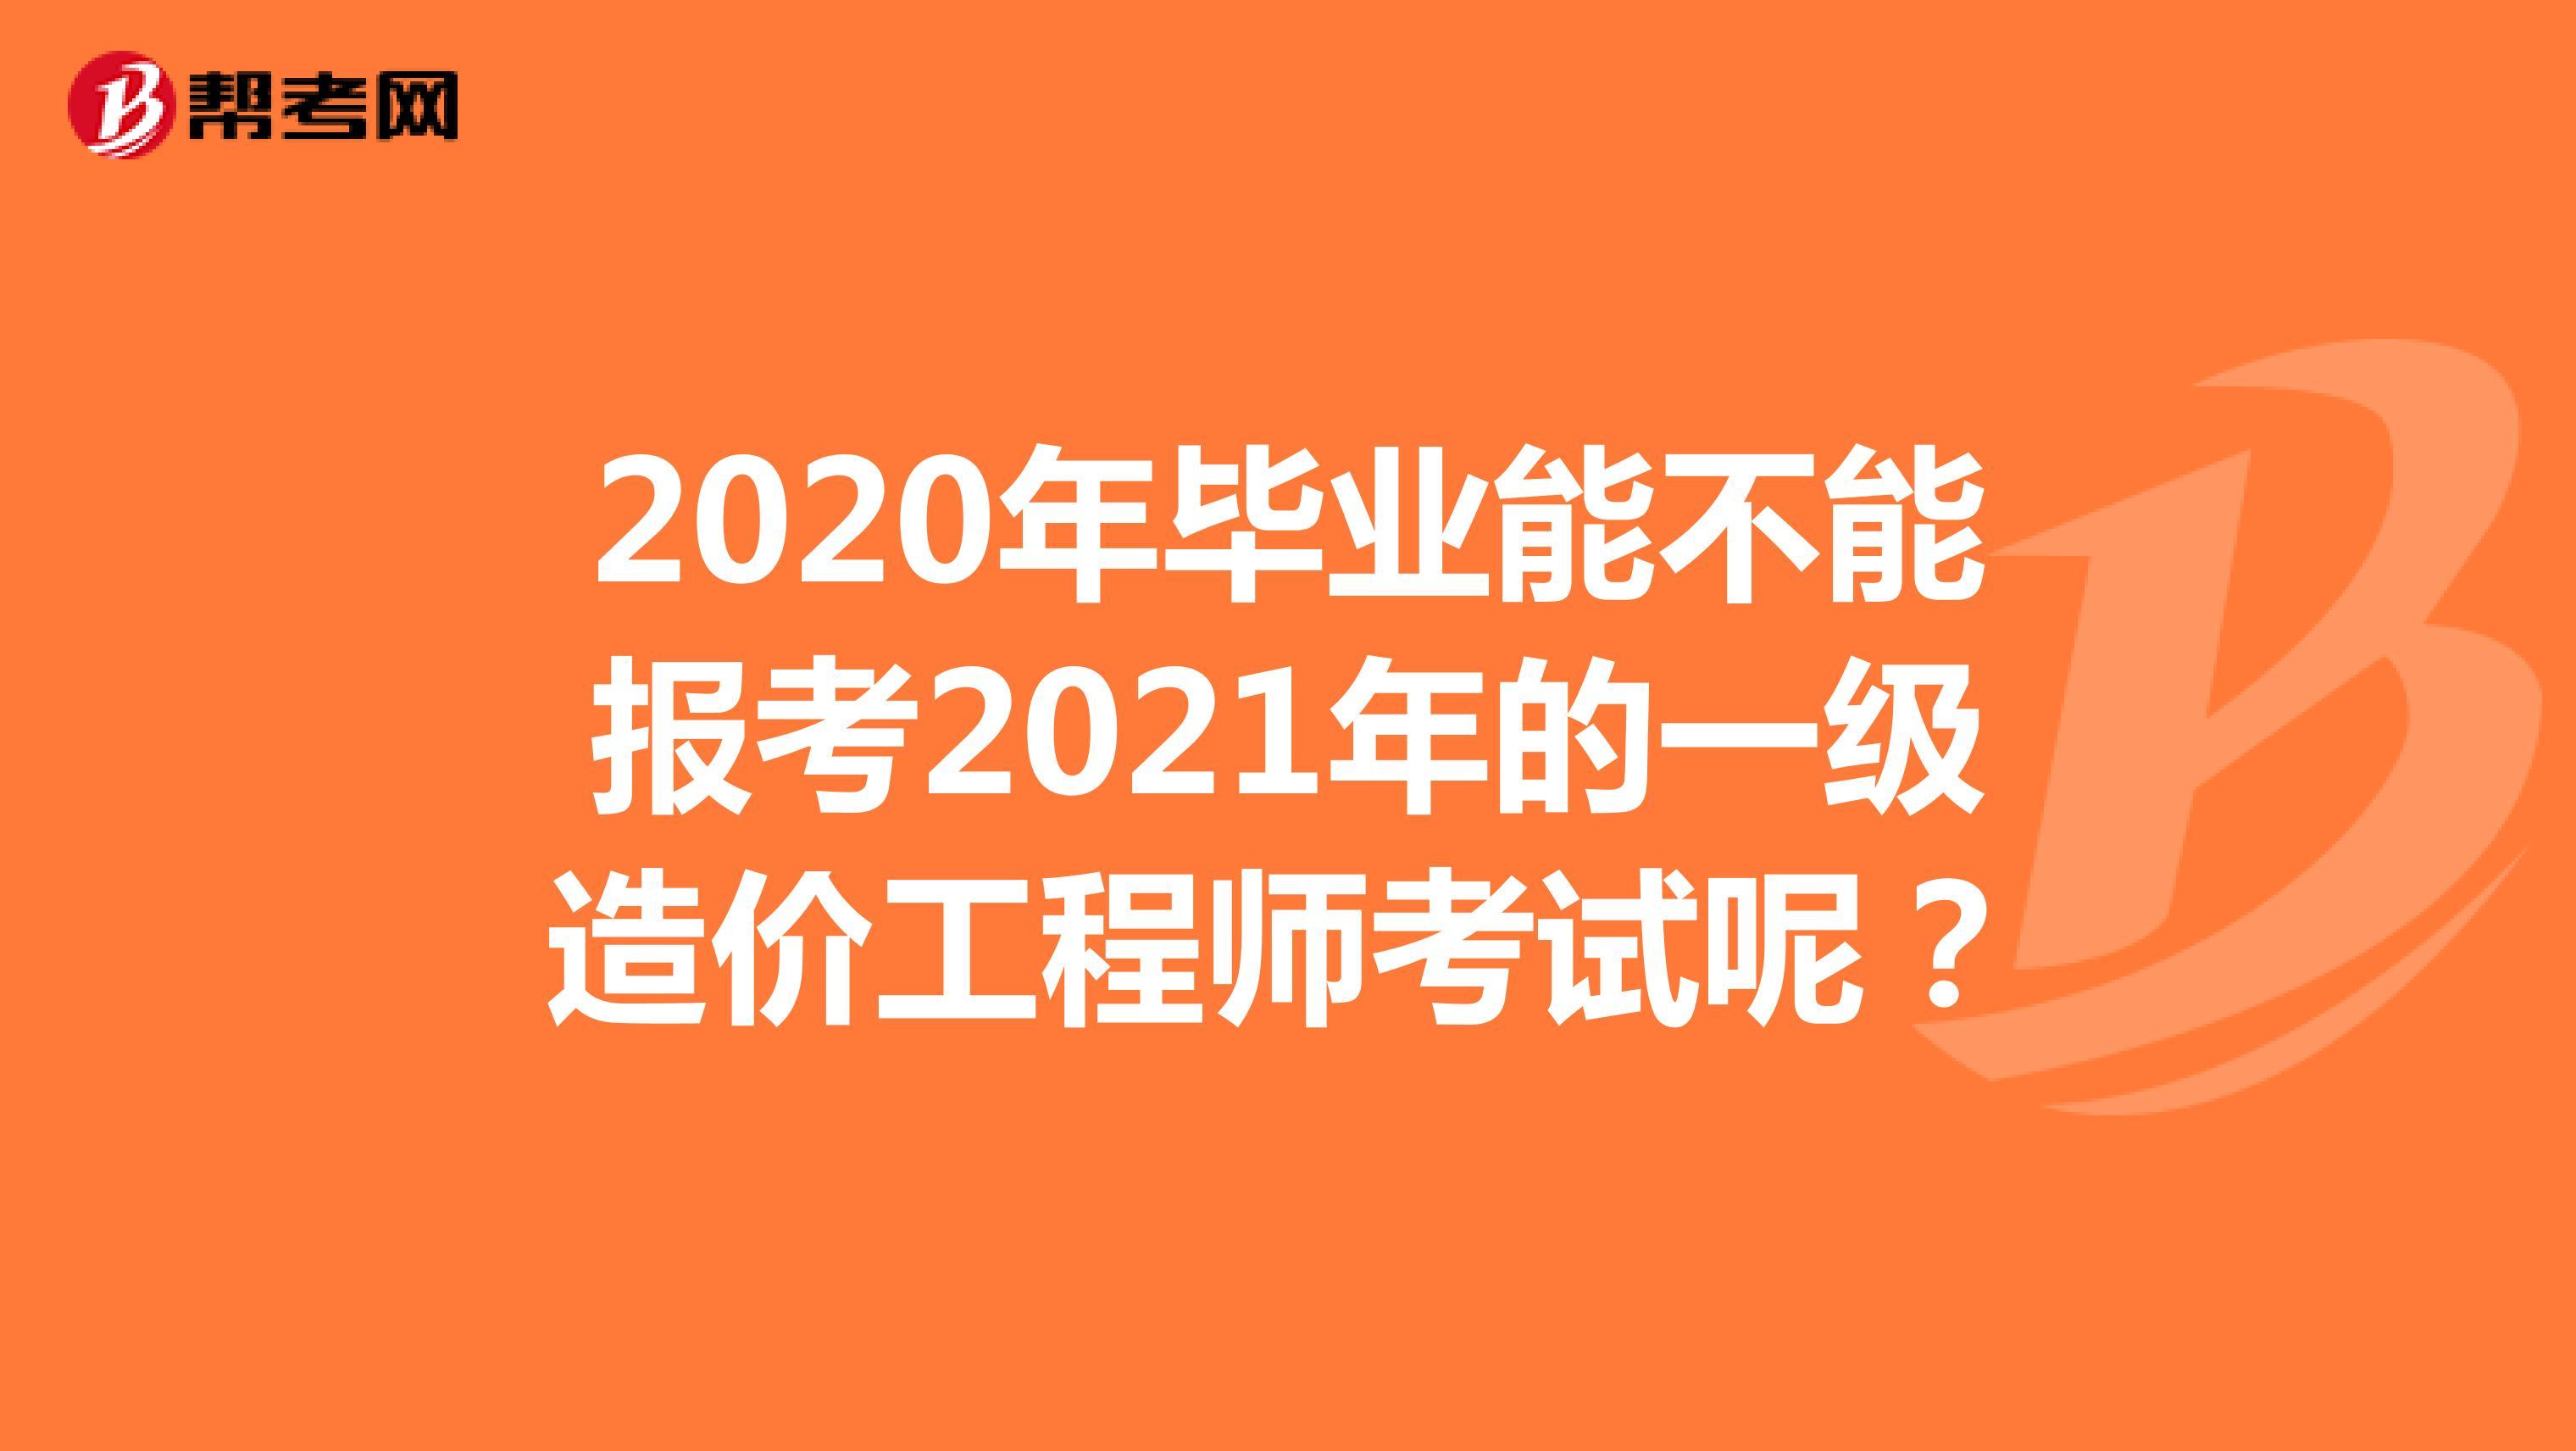 2020年畢業能不能報考2021年的一級造價工程師考試呢?